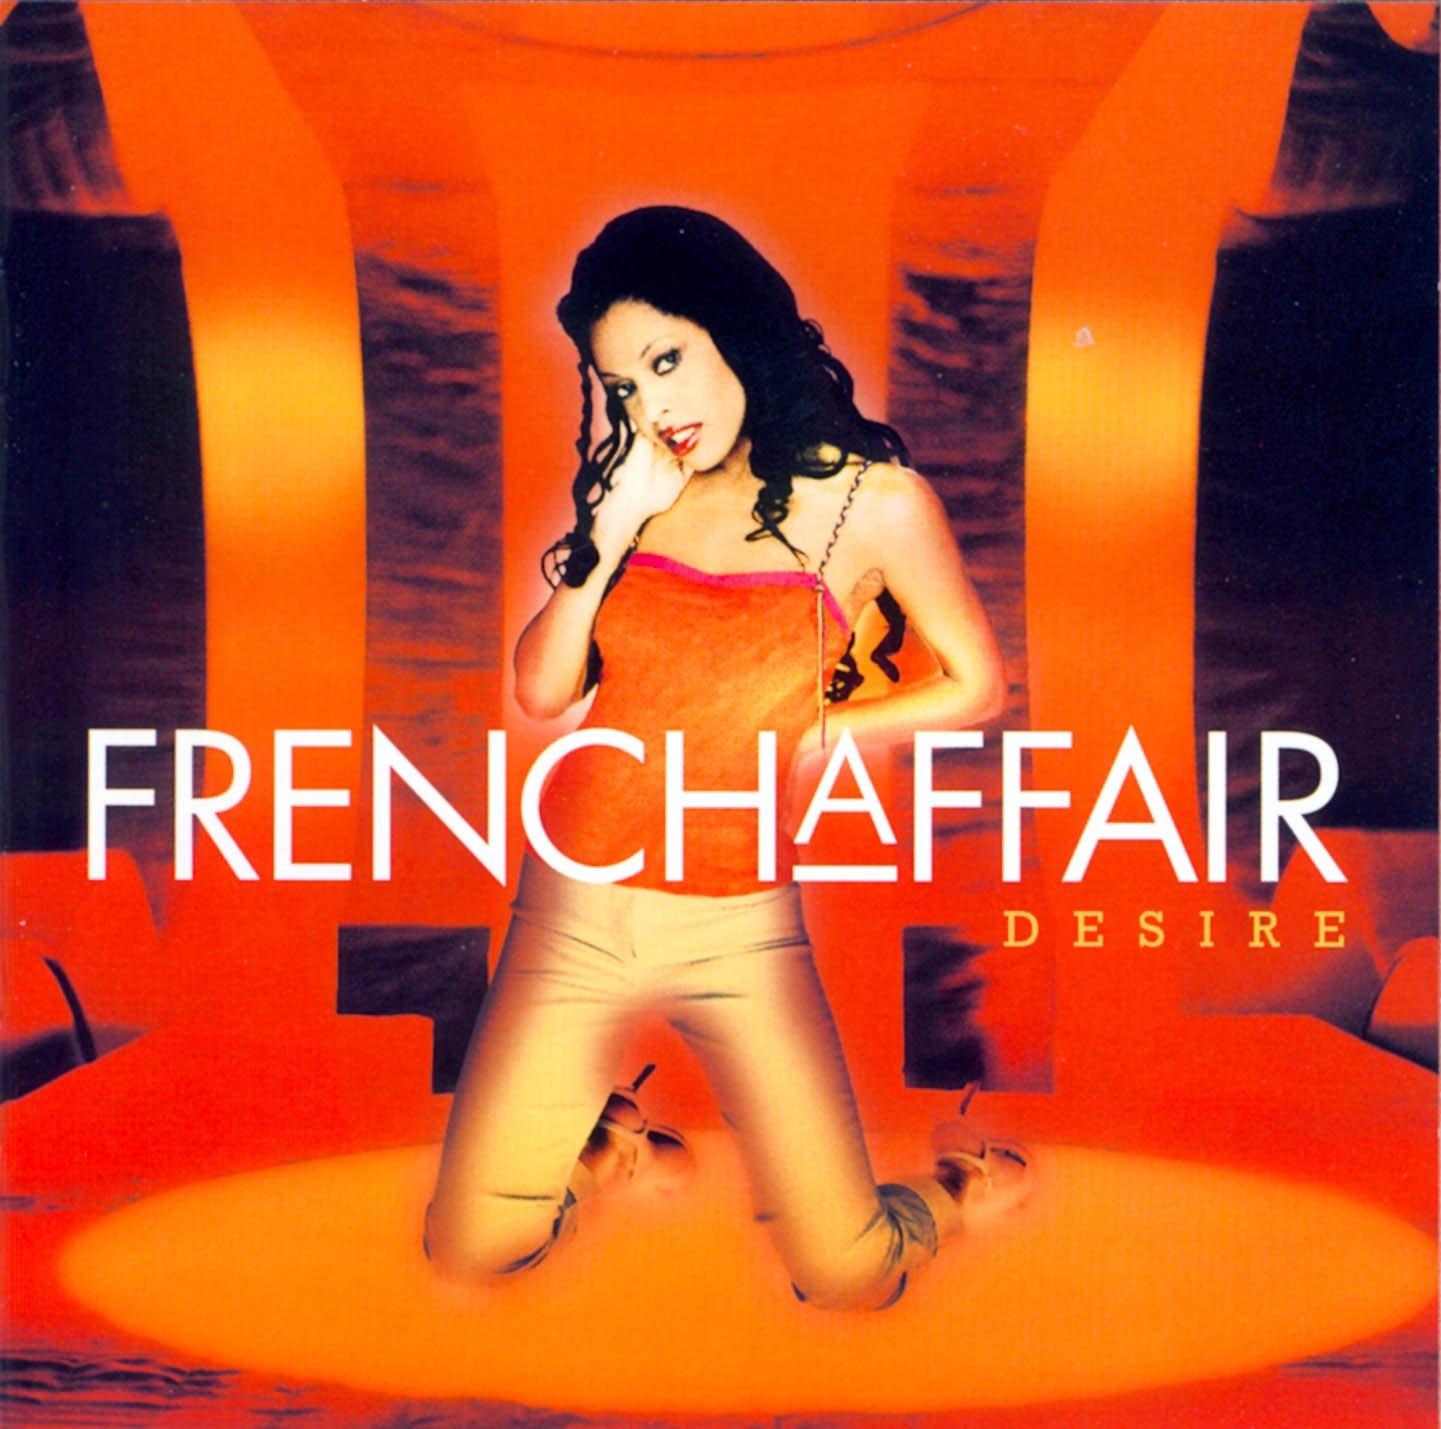 french affair: